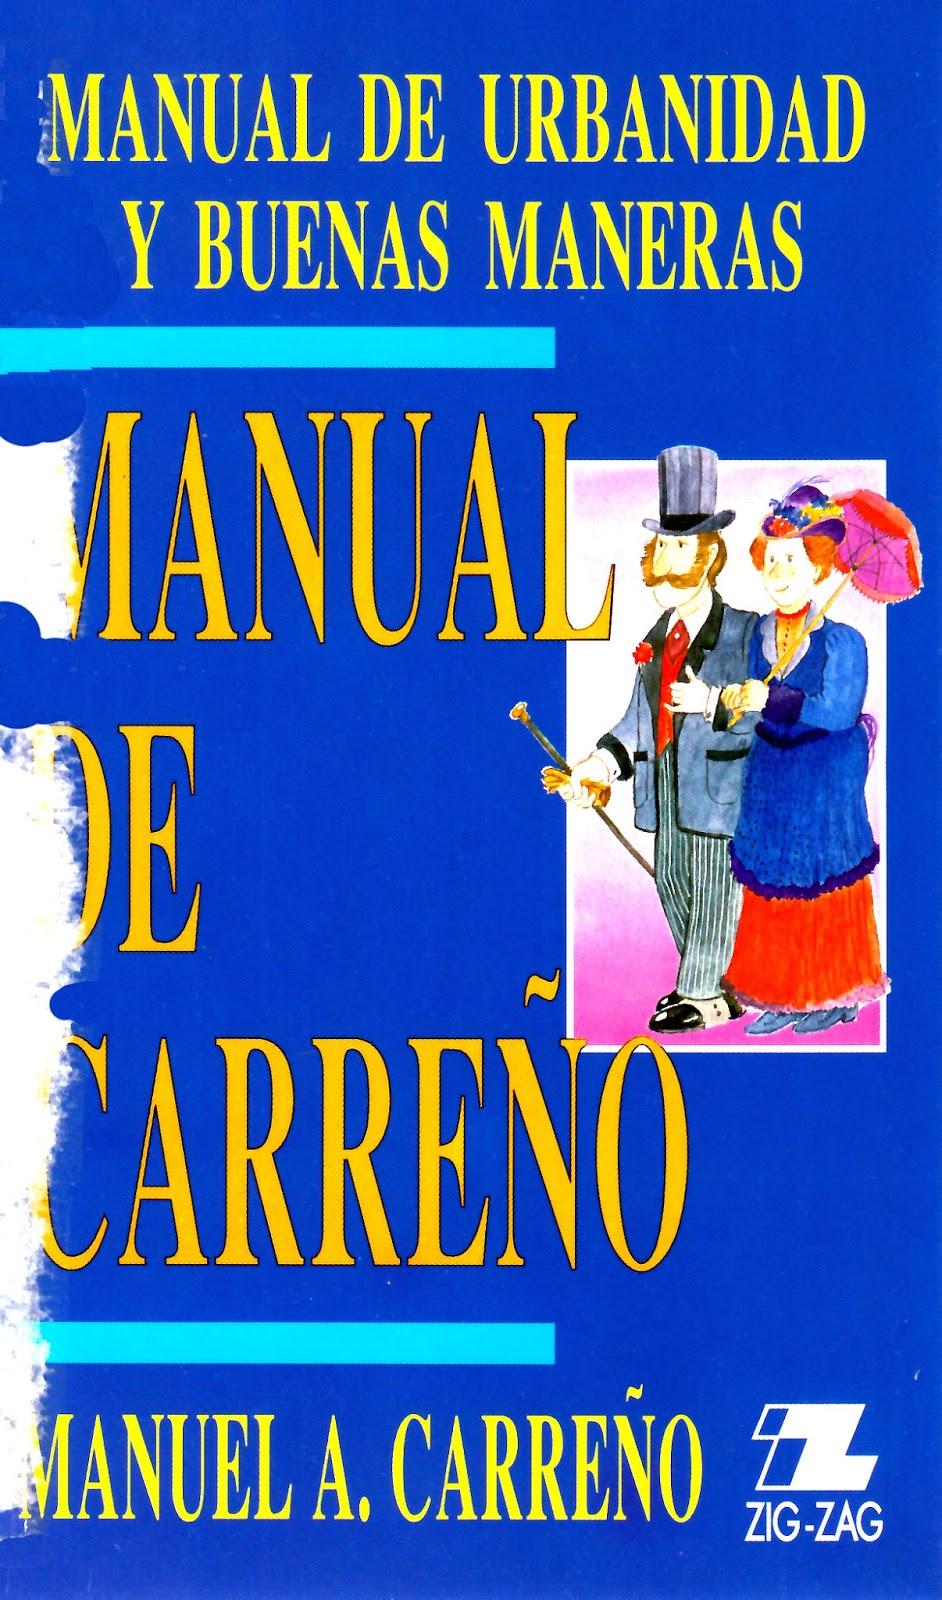 el manual de carreo